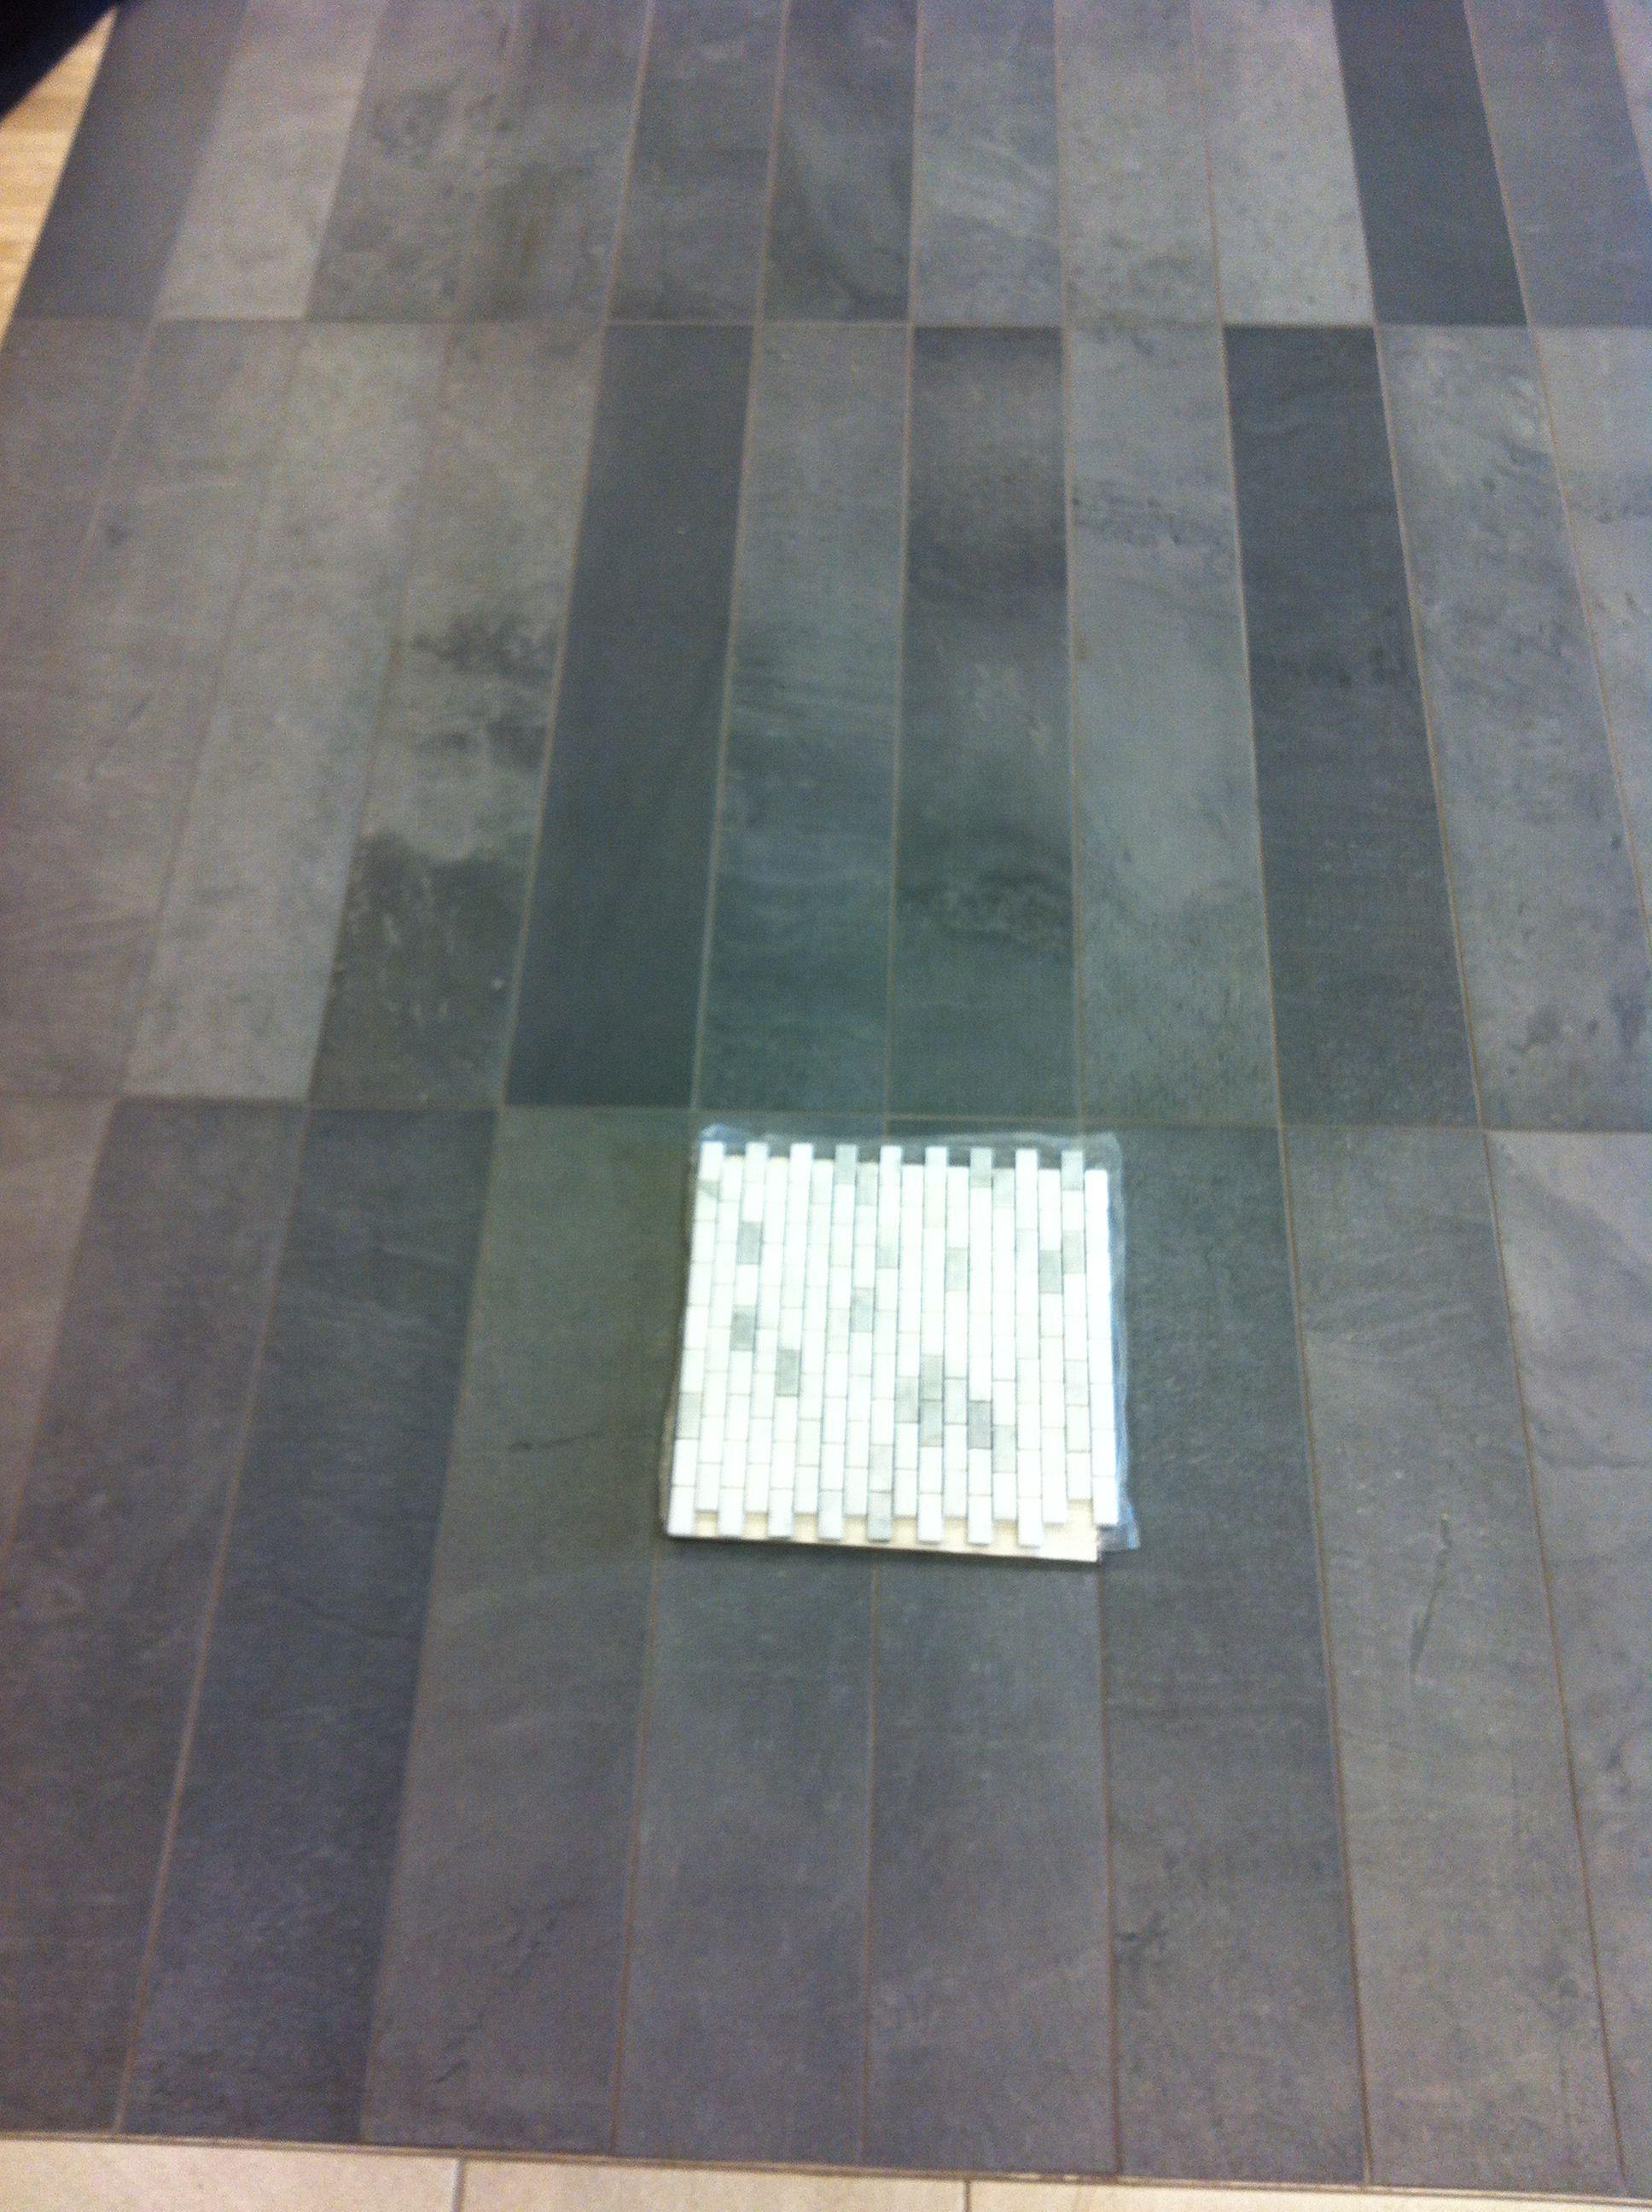 Mid america tile elk grove village - 6x36 Porcelain Floor Tile Green Slate Mid America Tile Elk Grove Village Il Small Bath Floor